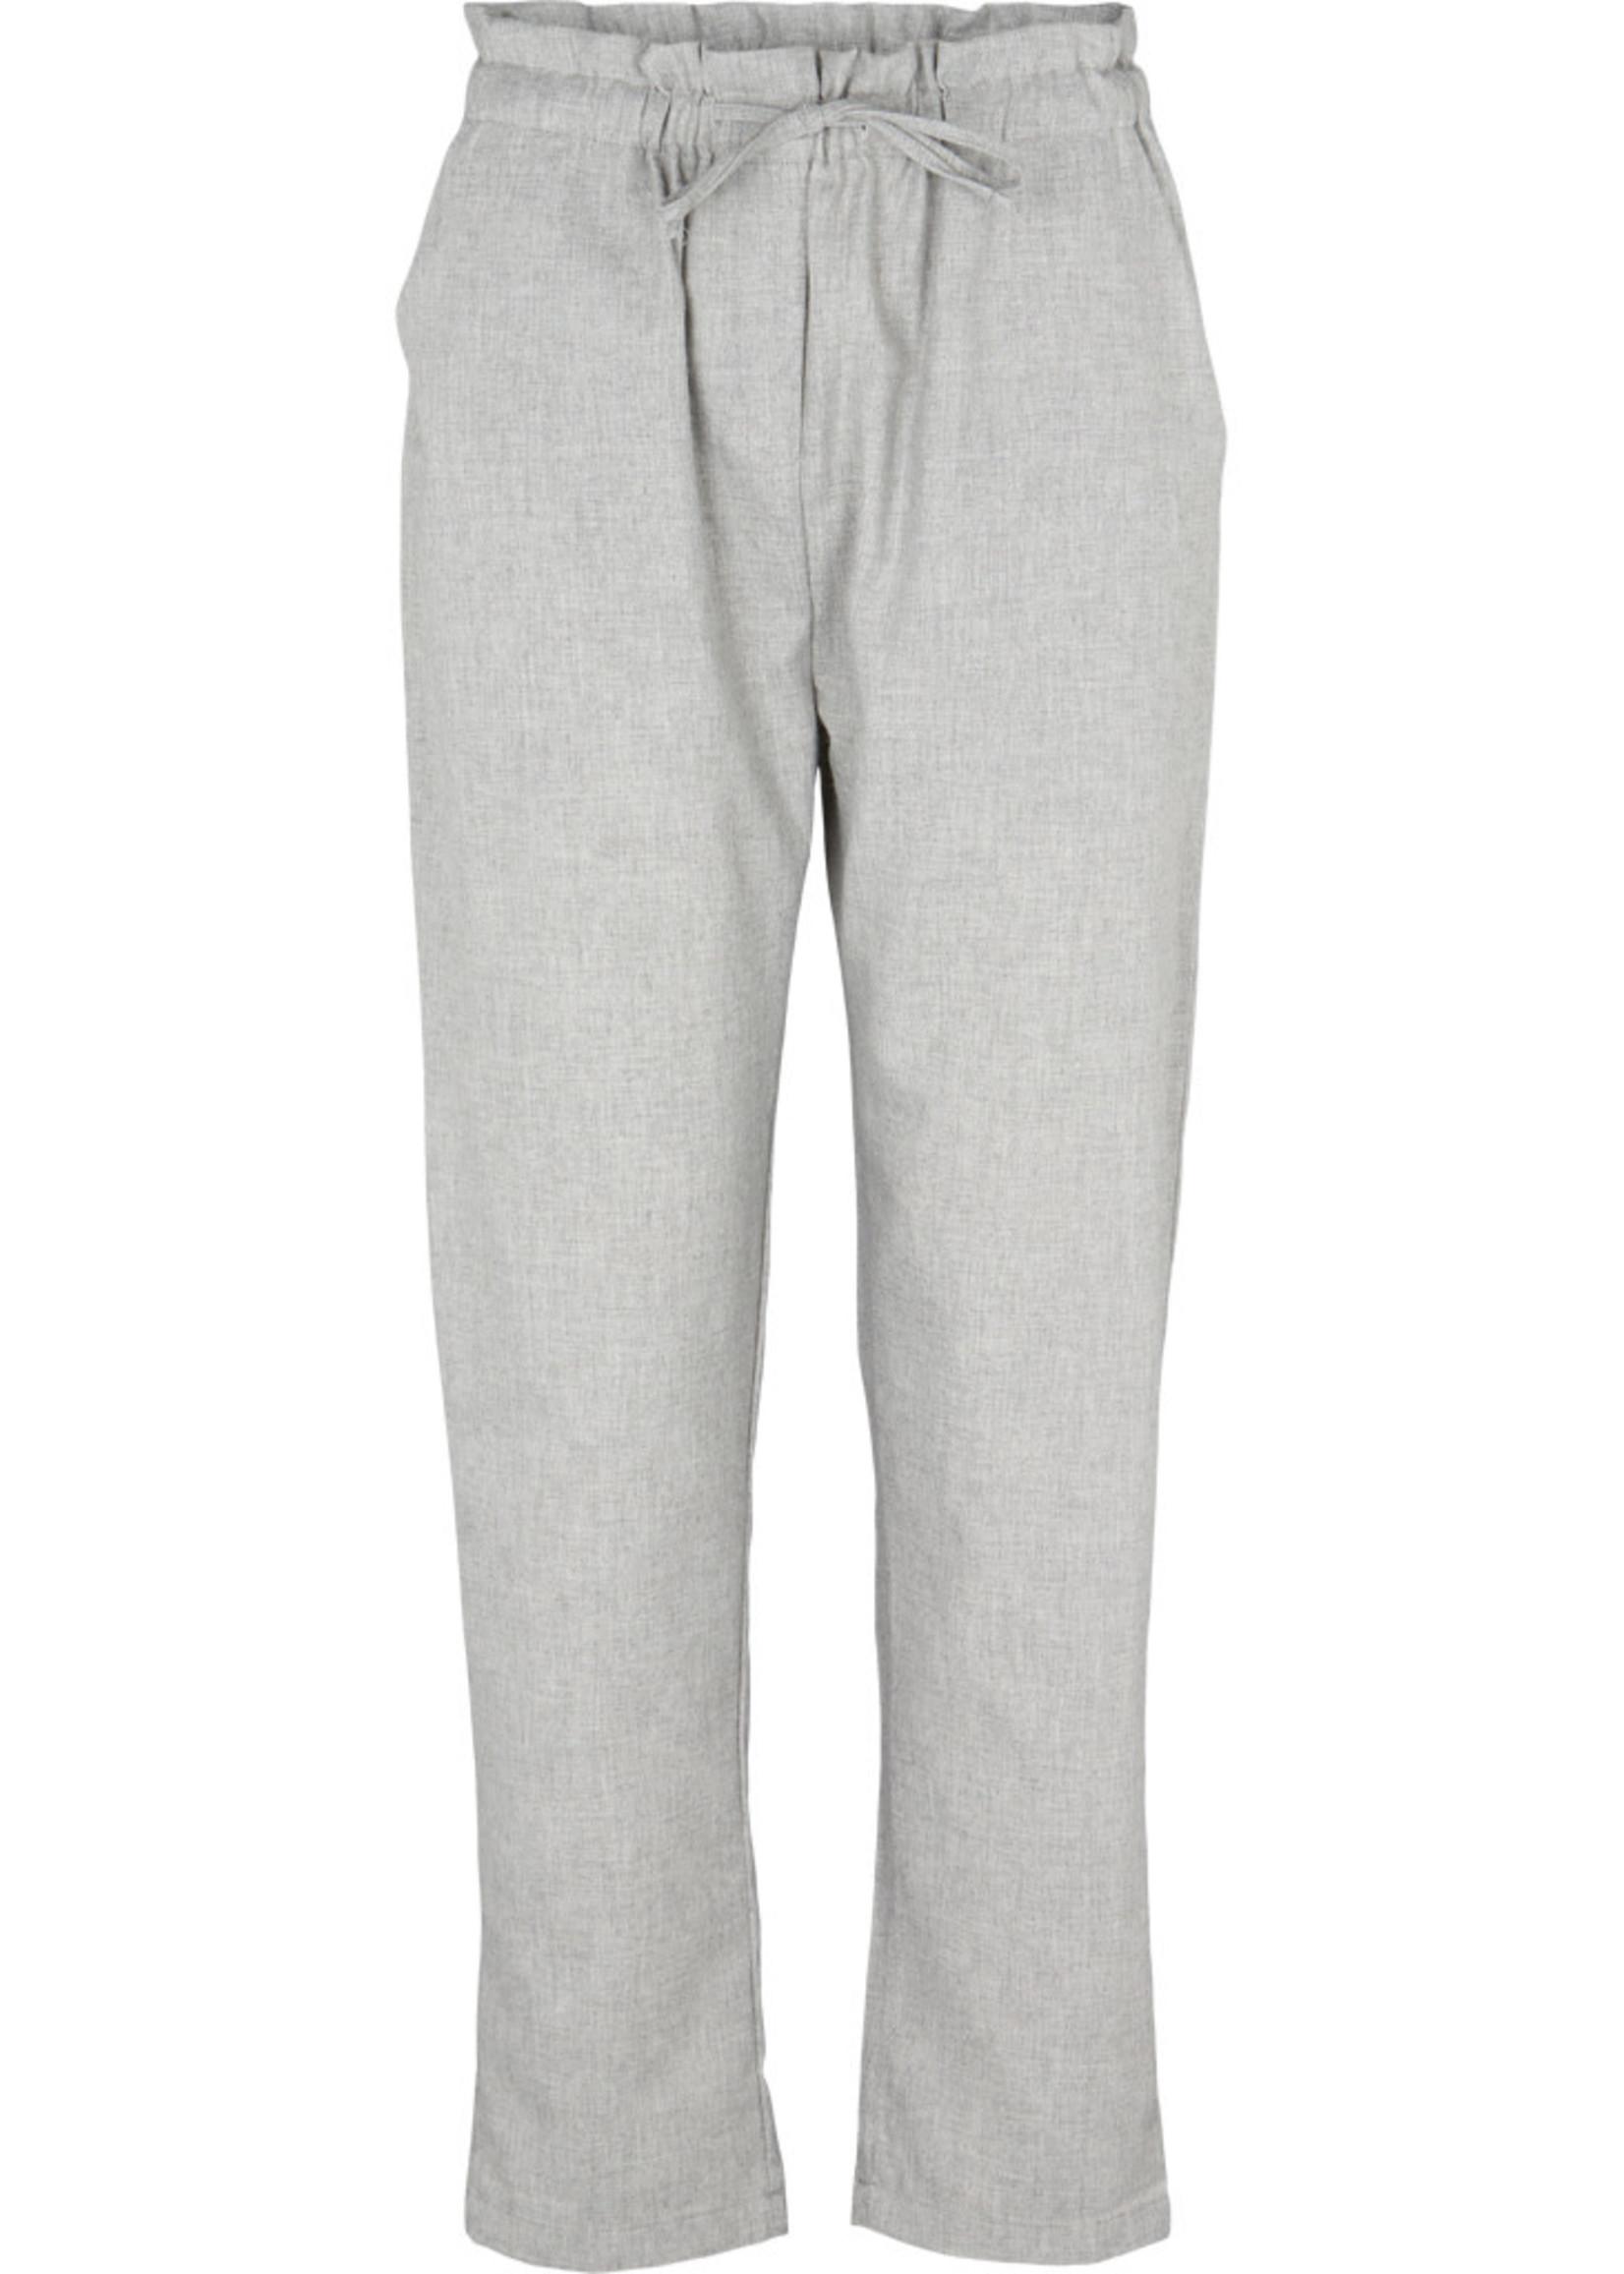 Basic Apparel Gertrude Pants